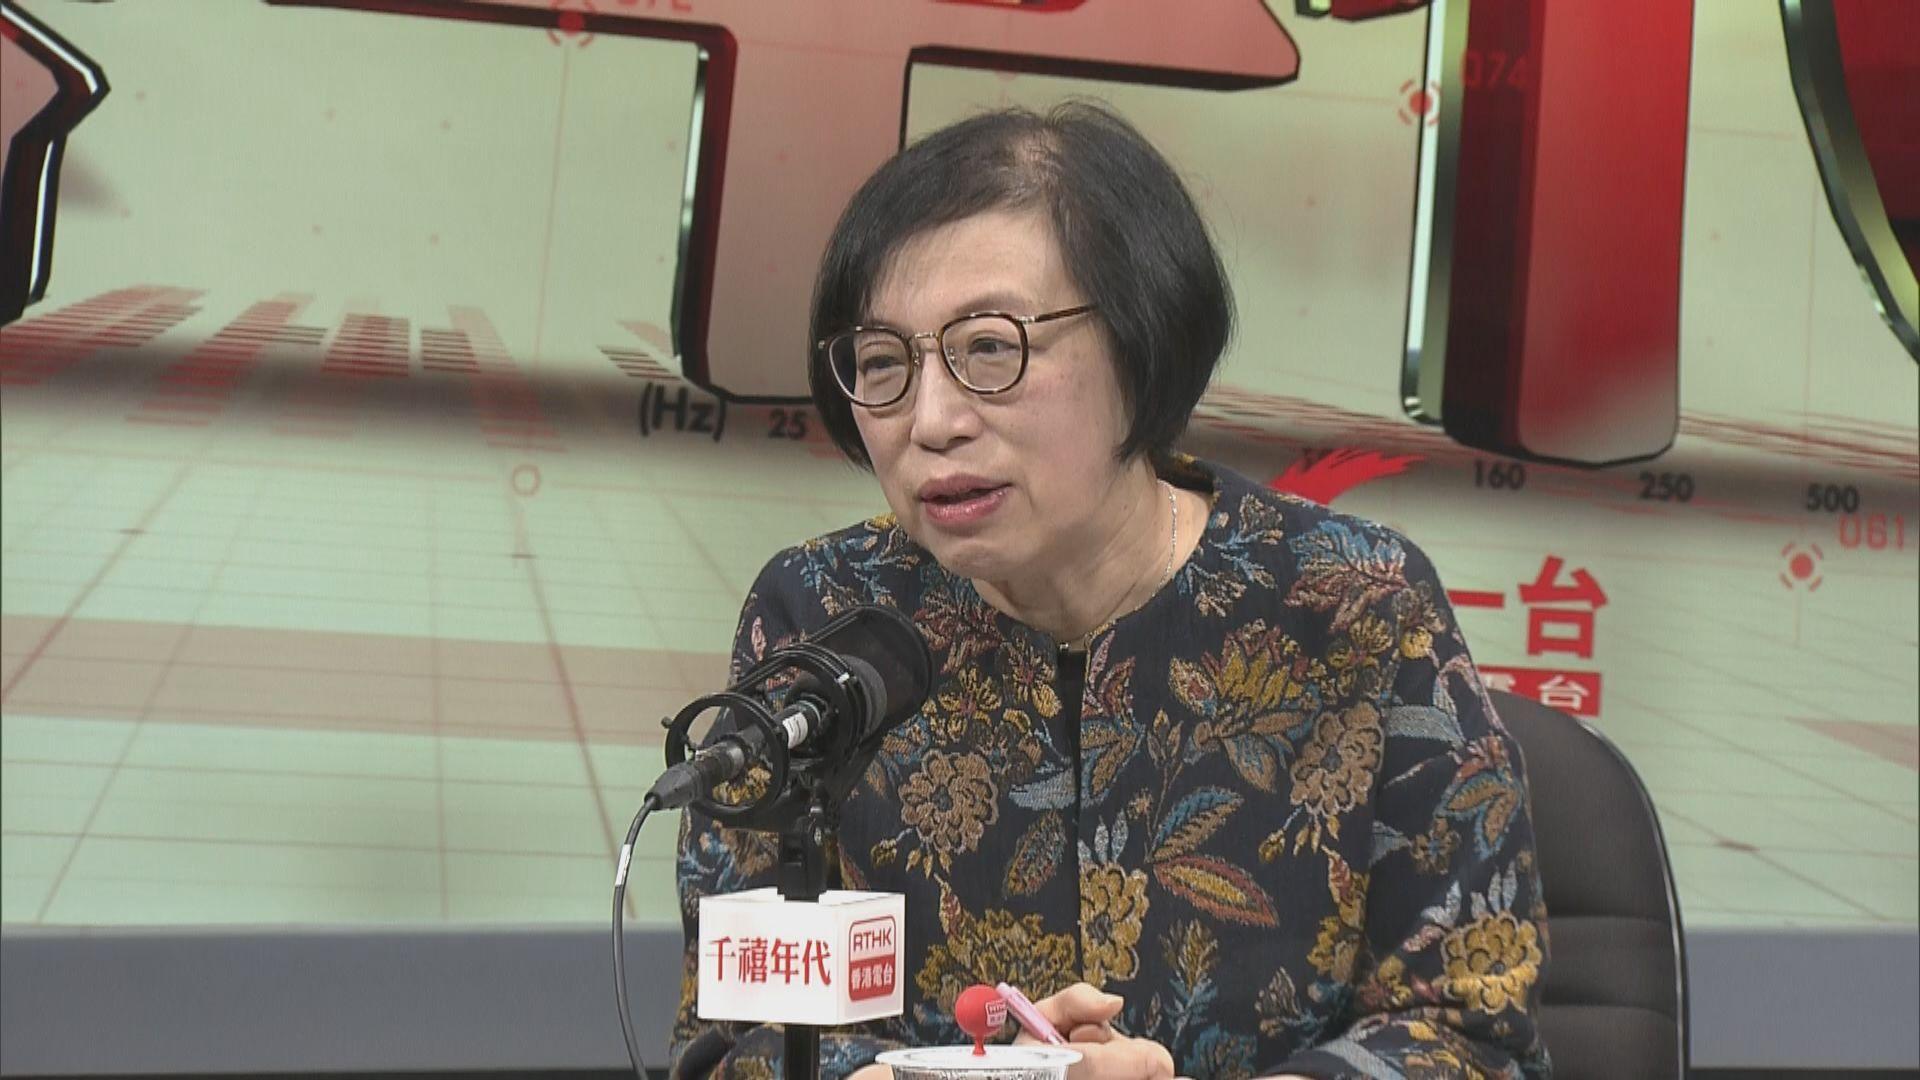 陳肇始辭任榮譽贊助人 主席稱不構成利益衝突